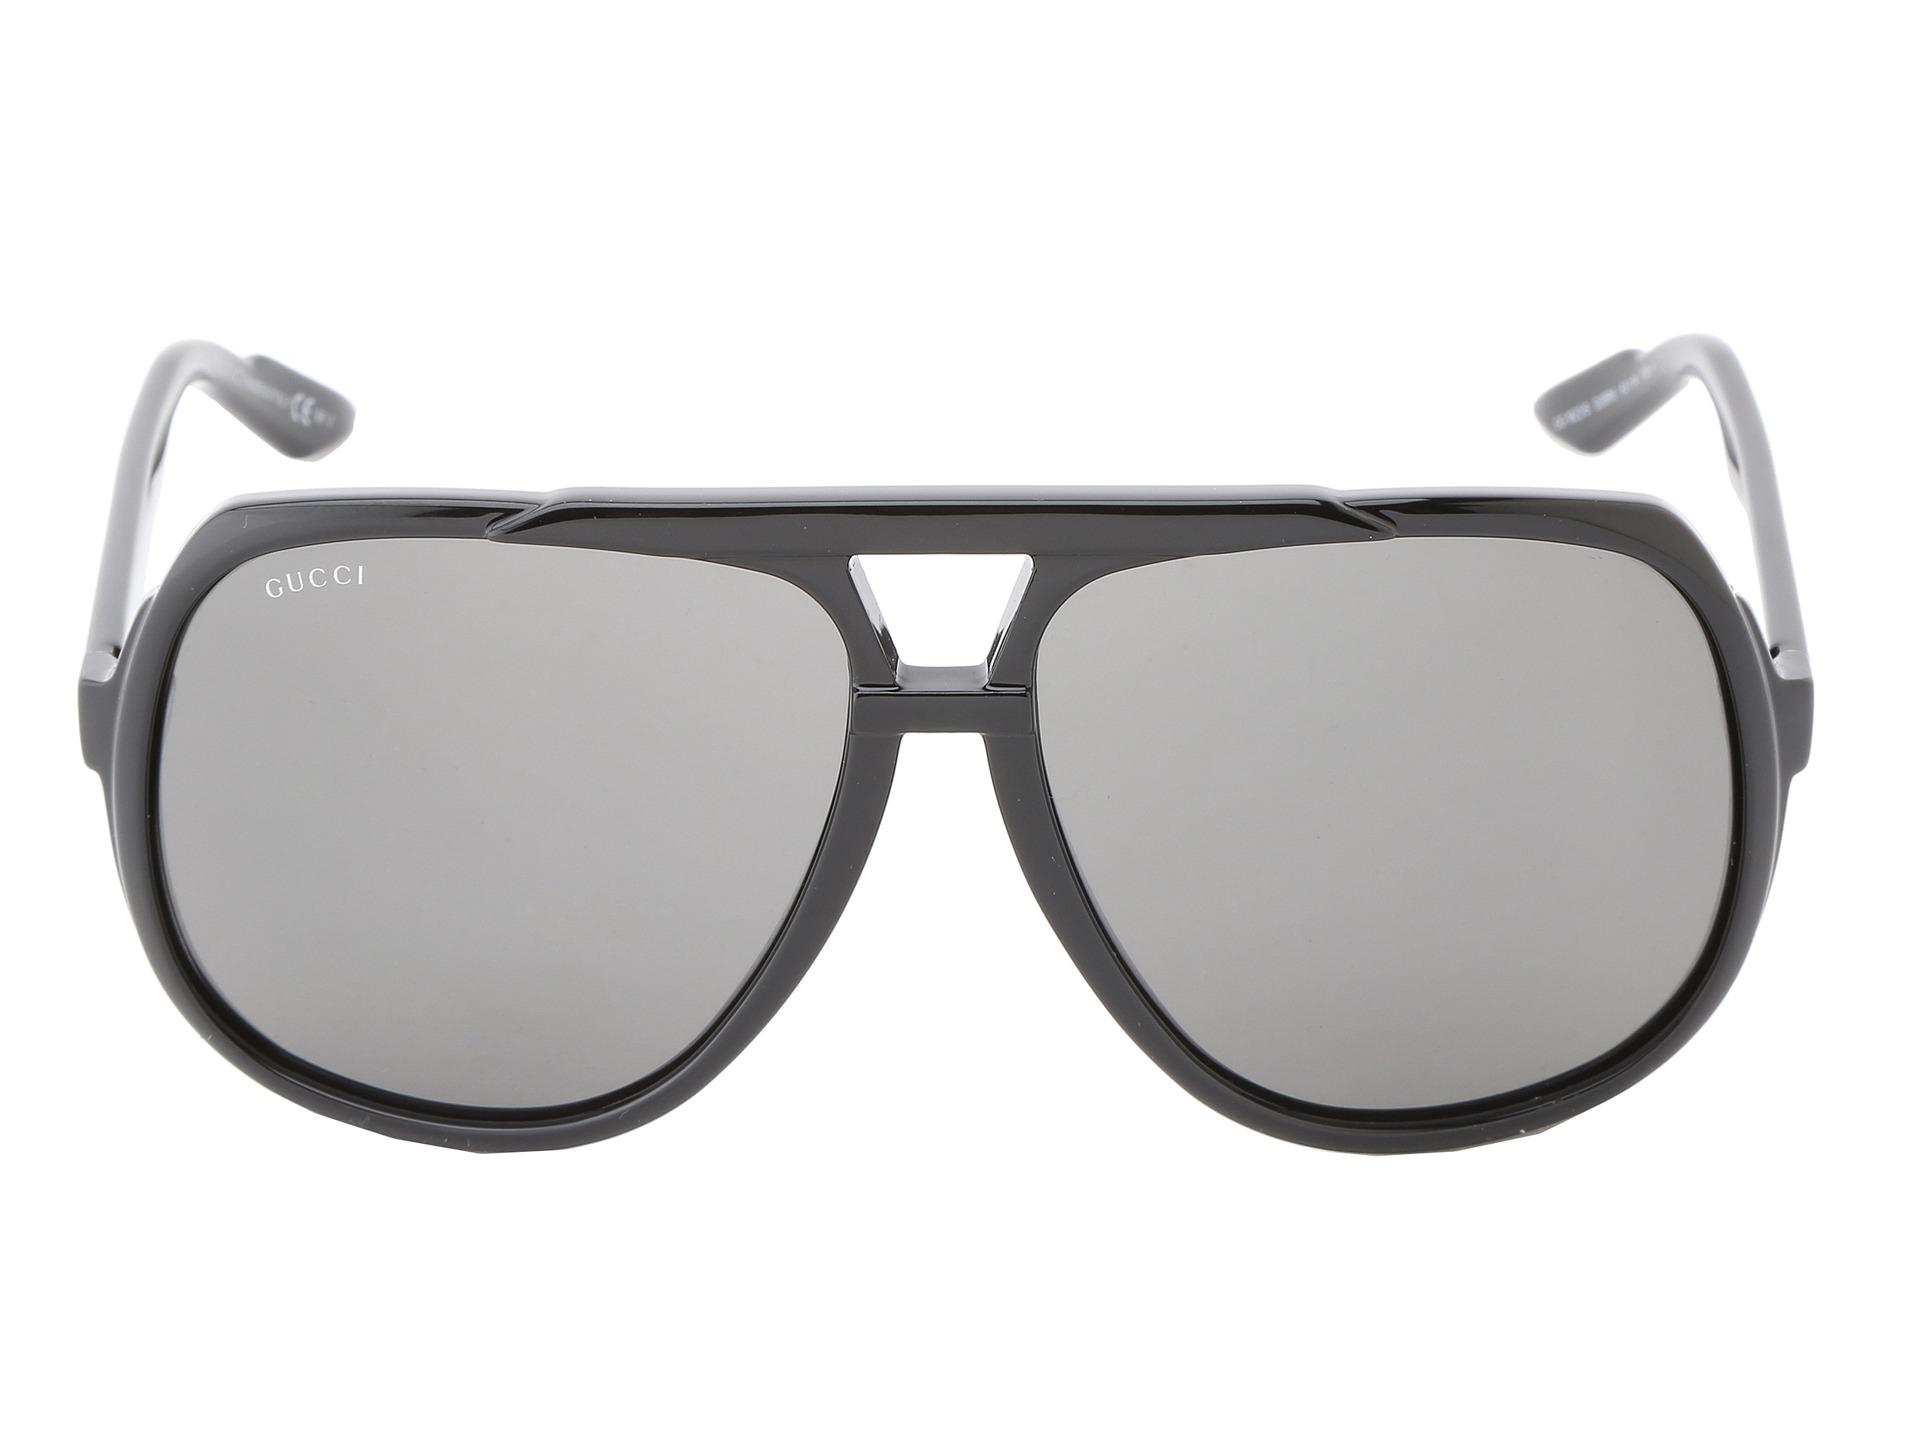 e125b969a2f Lyst - Gucci Gg 1622 s in Black for Men